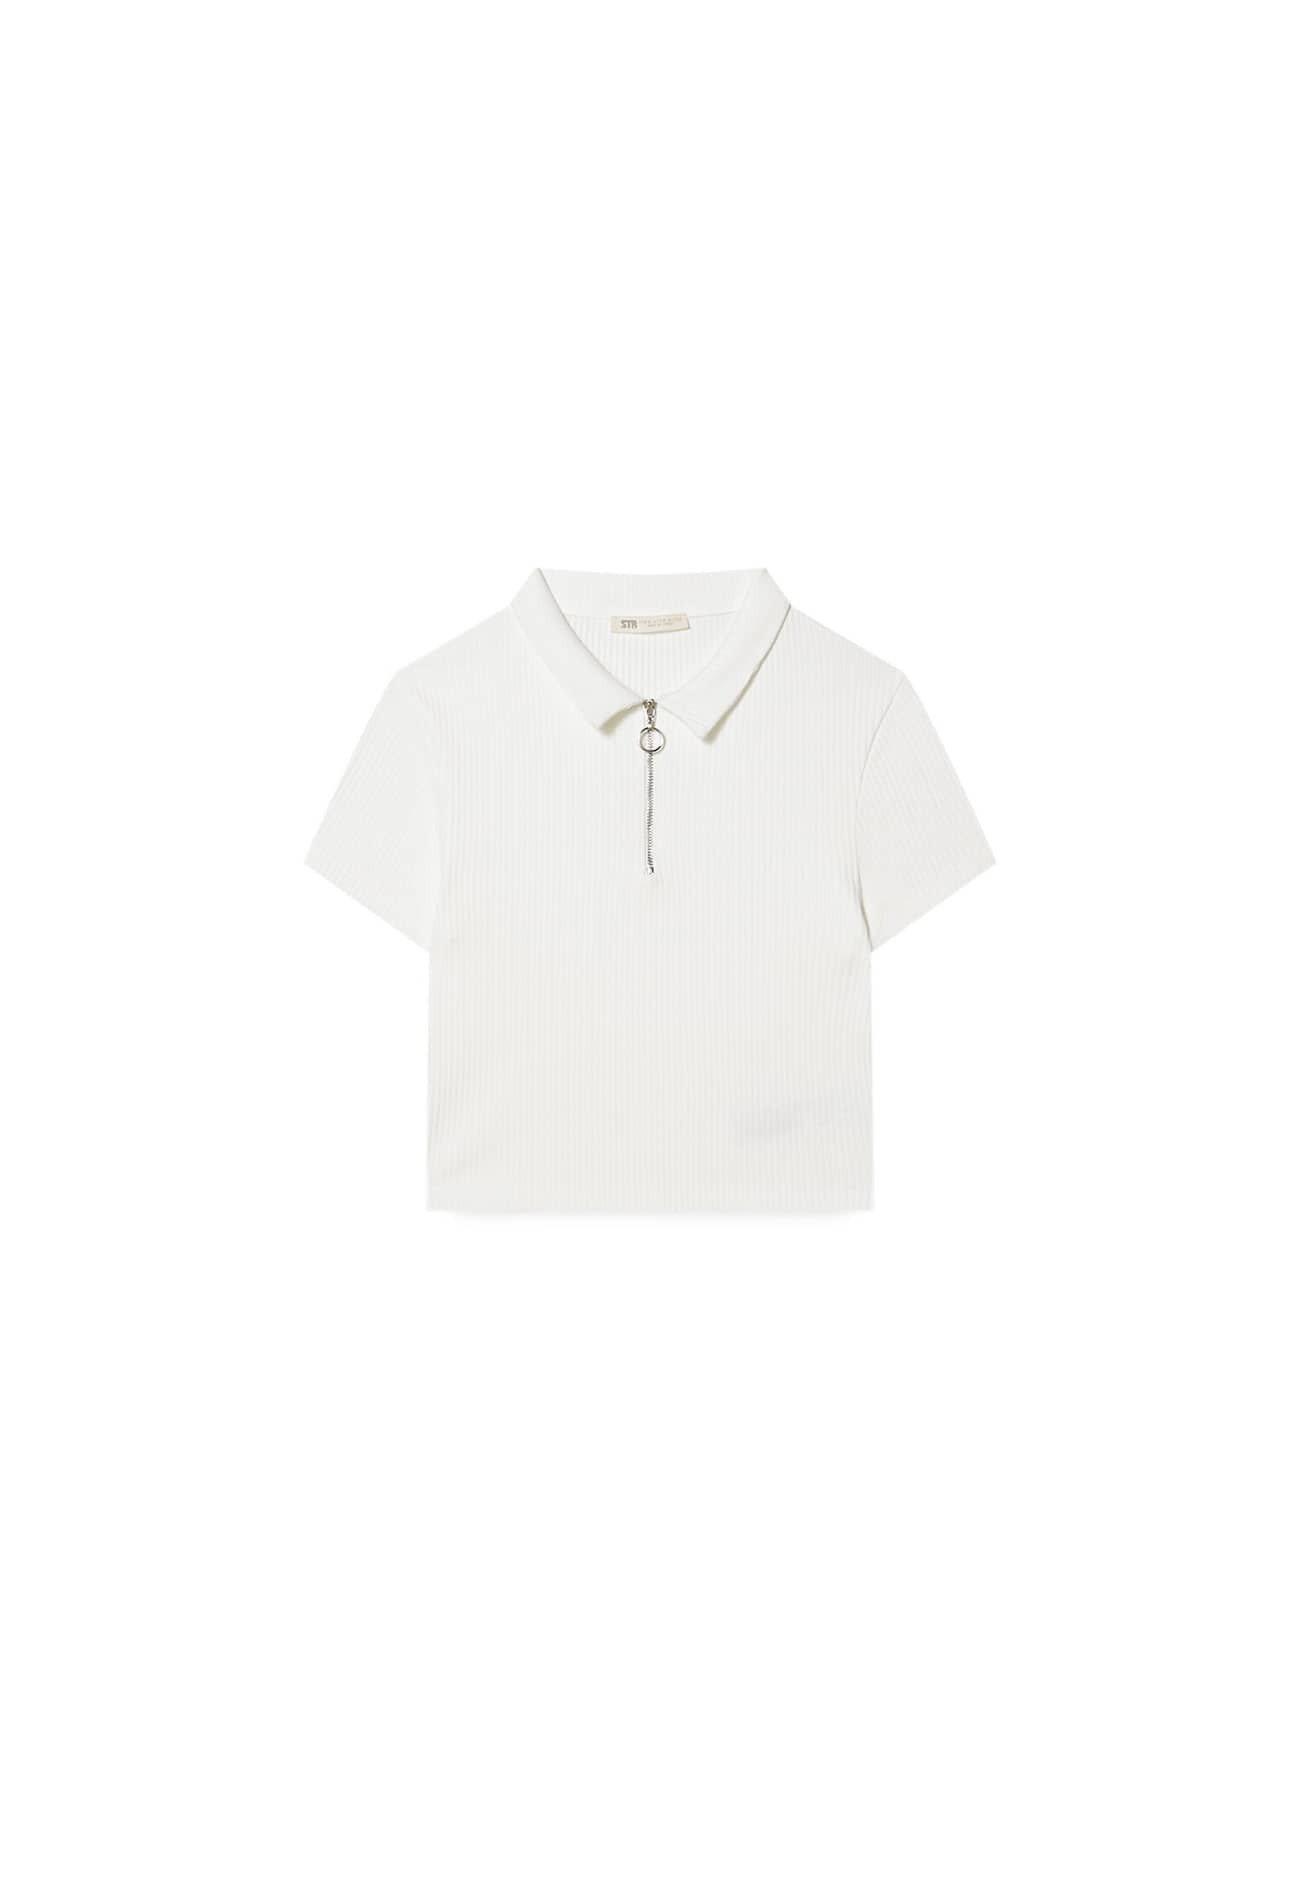 Damen mit Kragen und Reißverschluss - Poloshirt